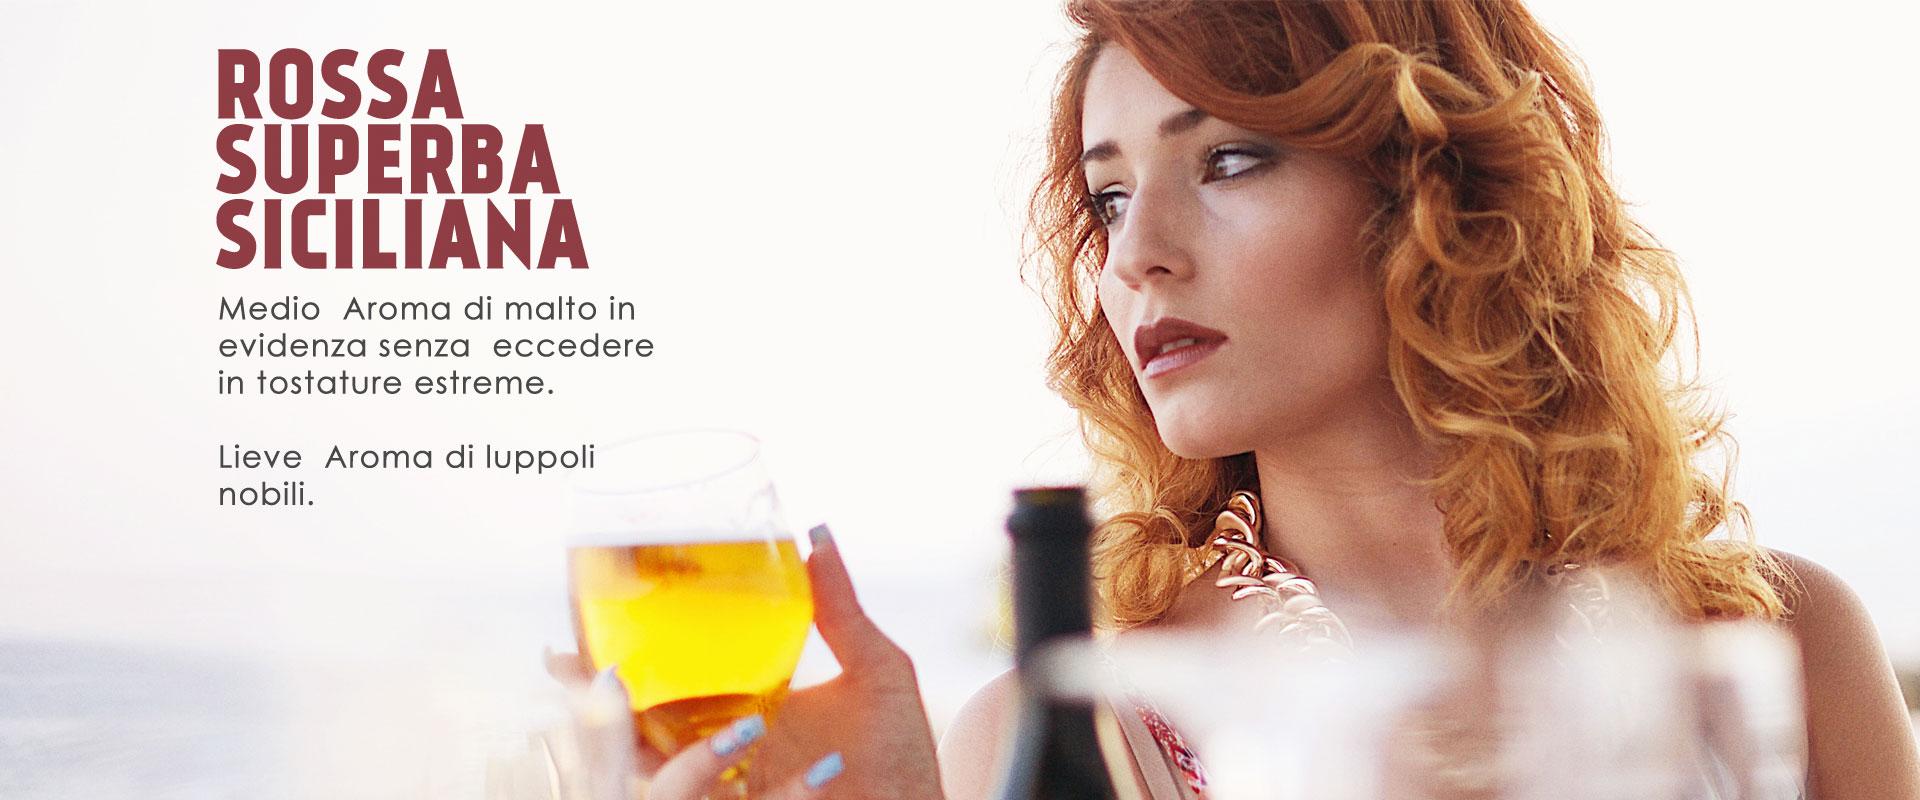 birra-minchia-rossa-slider